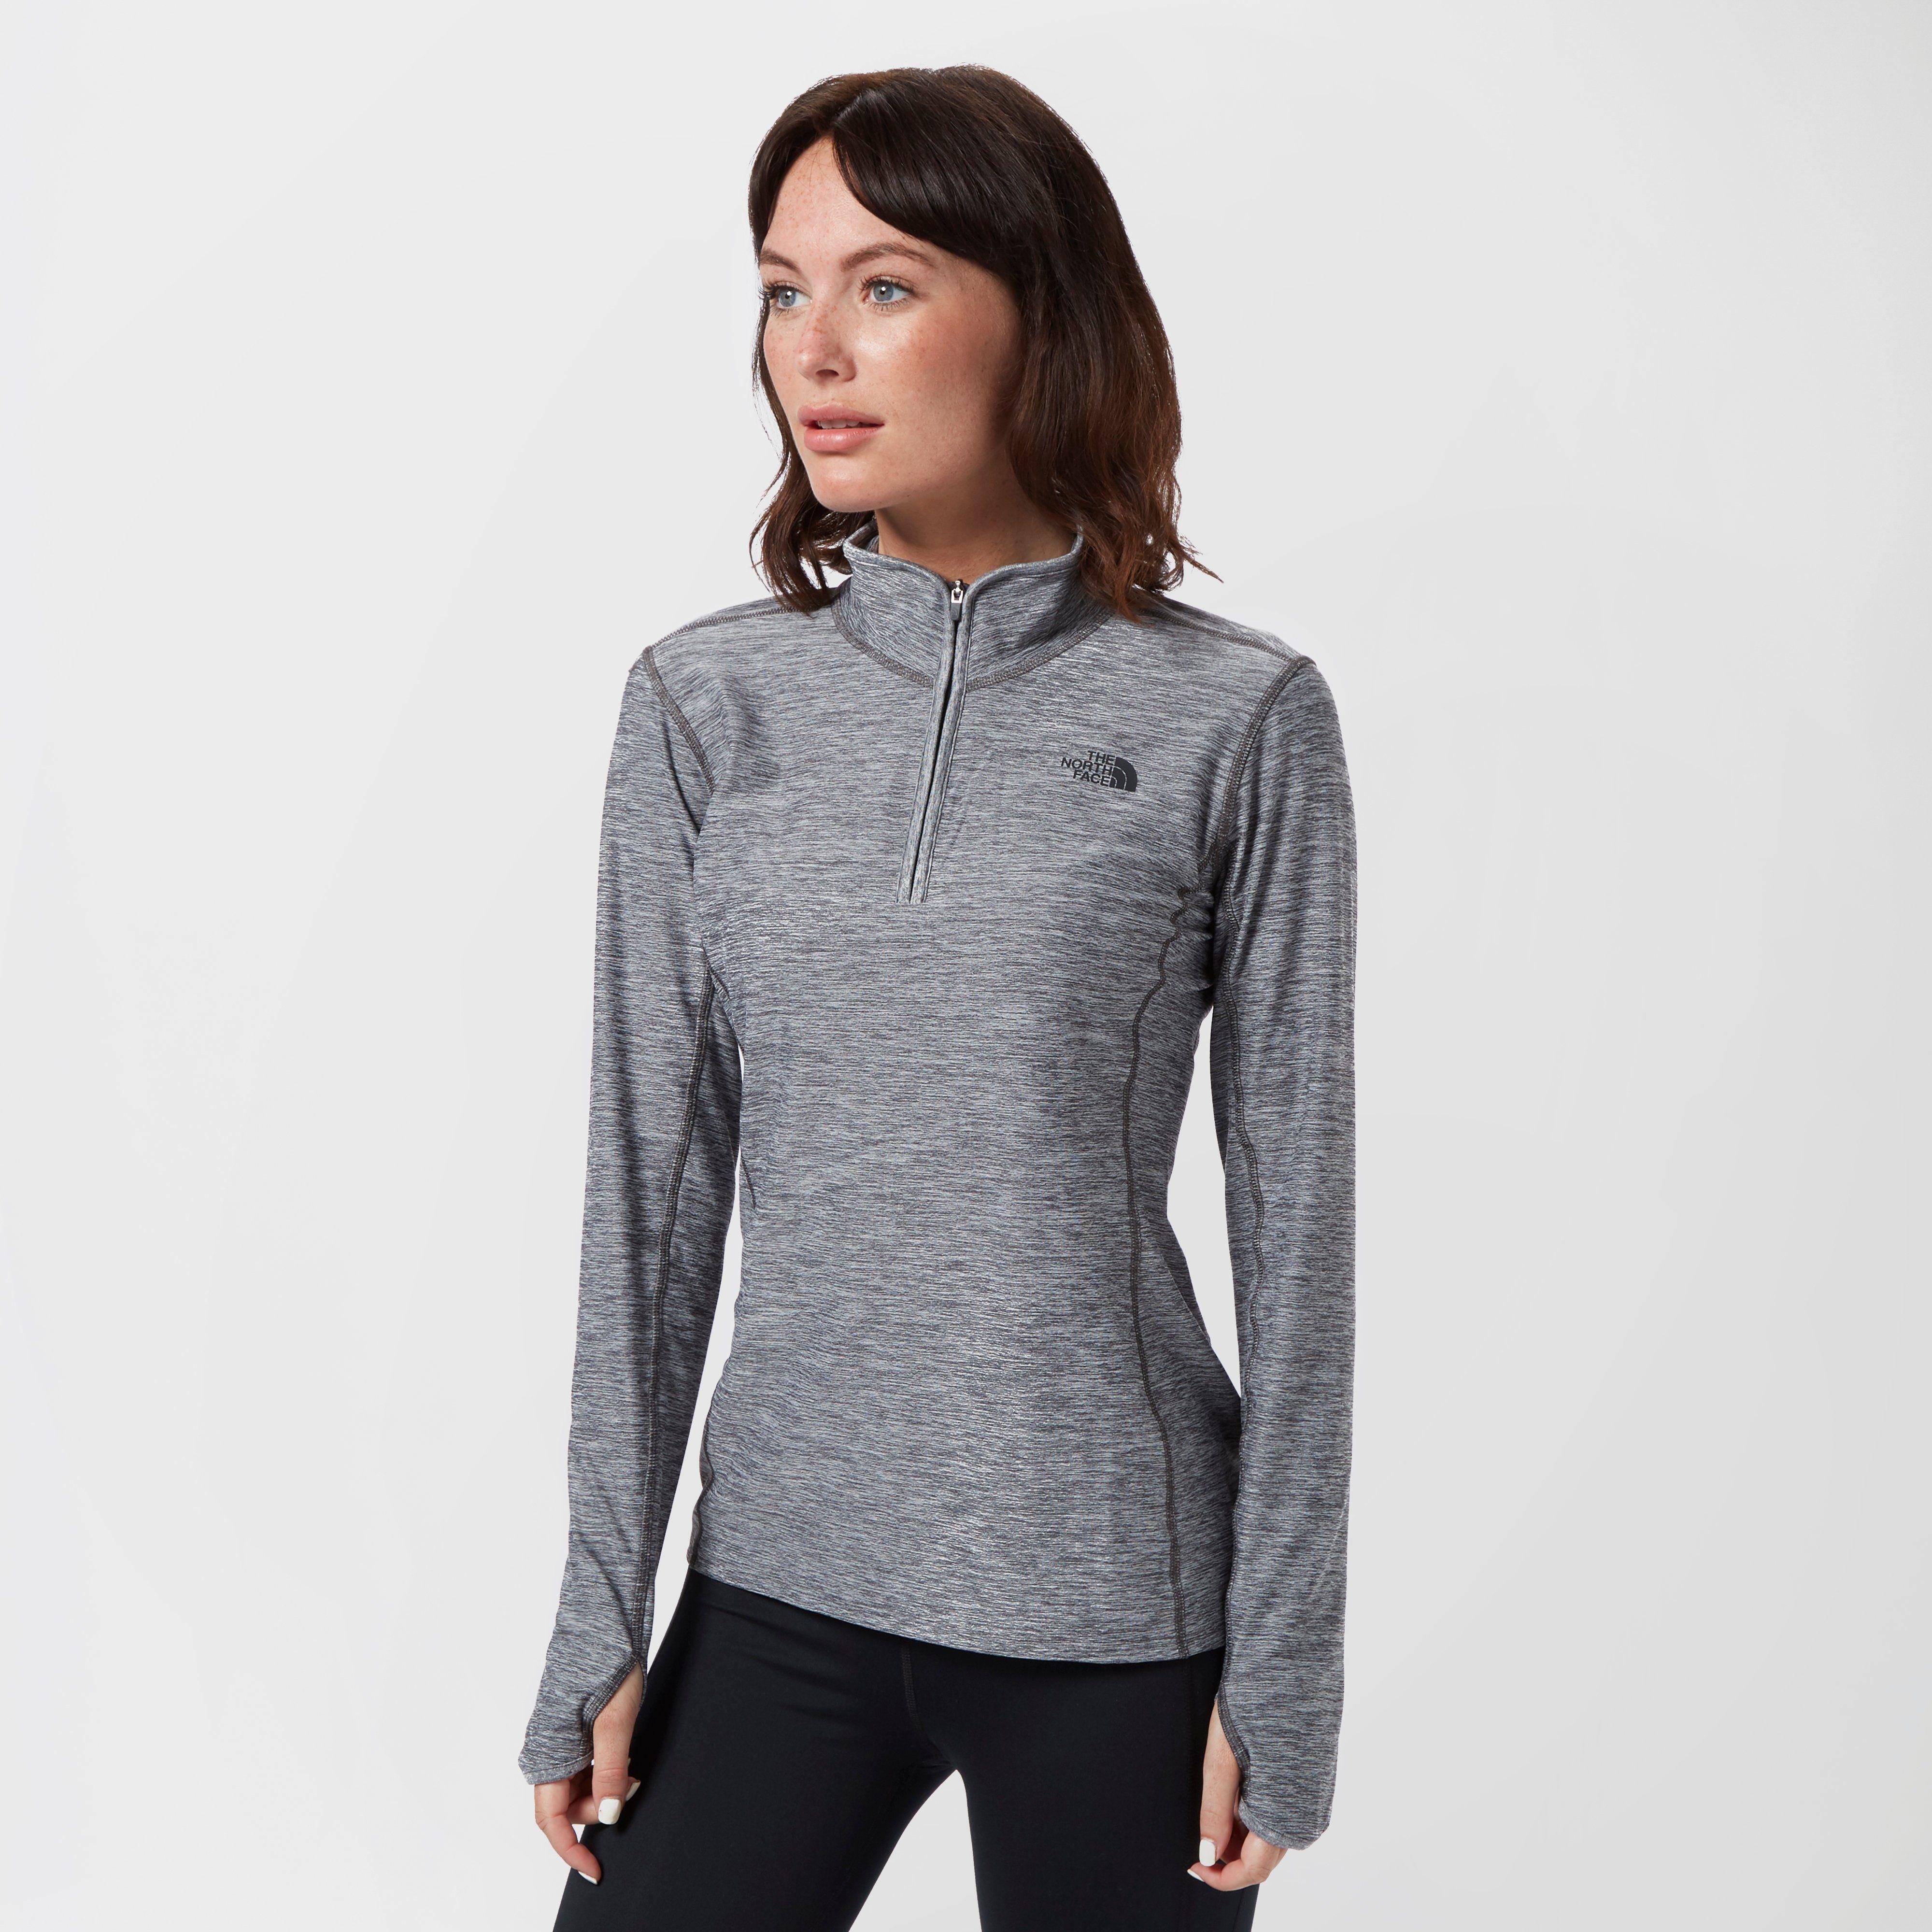 THE NORTH FACE Women's Motivation Quarter Zip Shirt